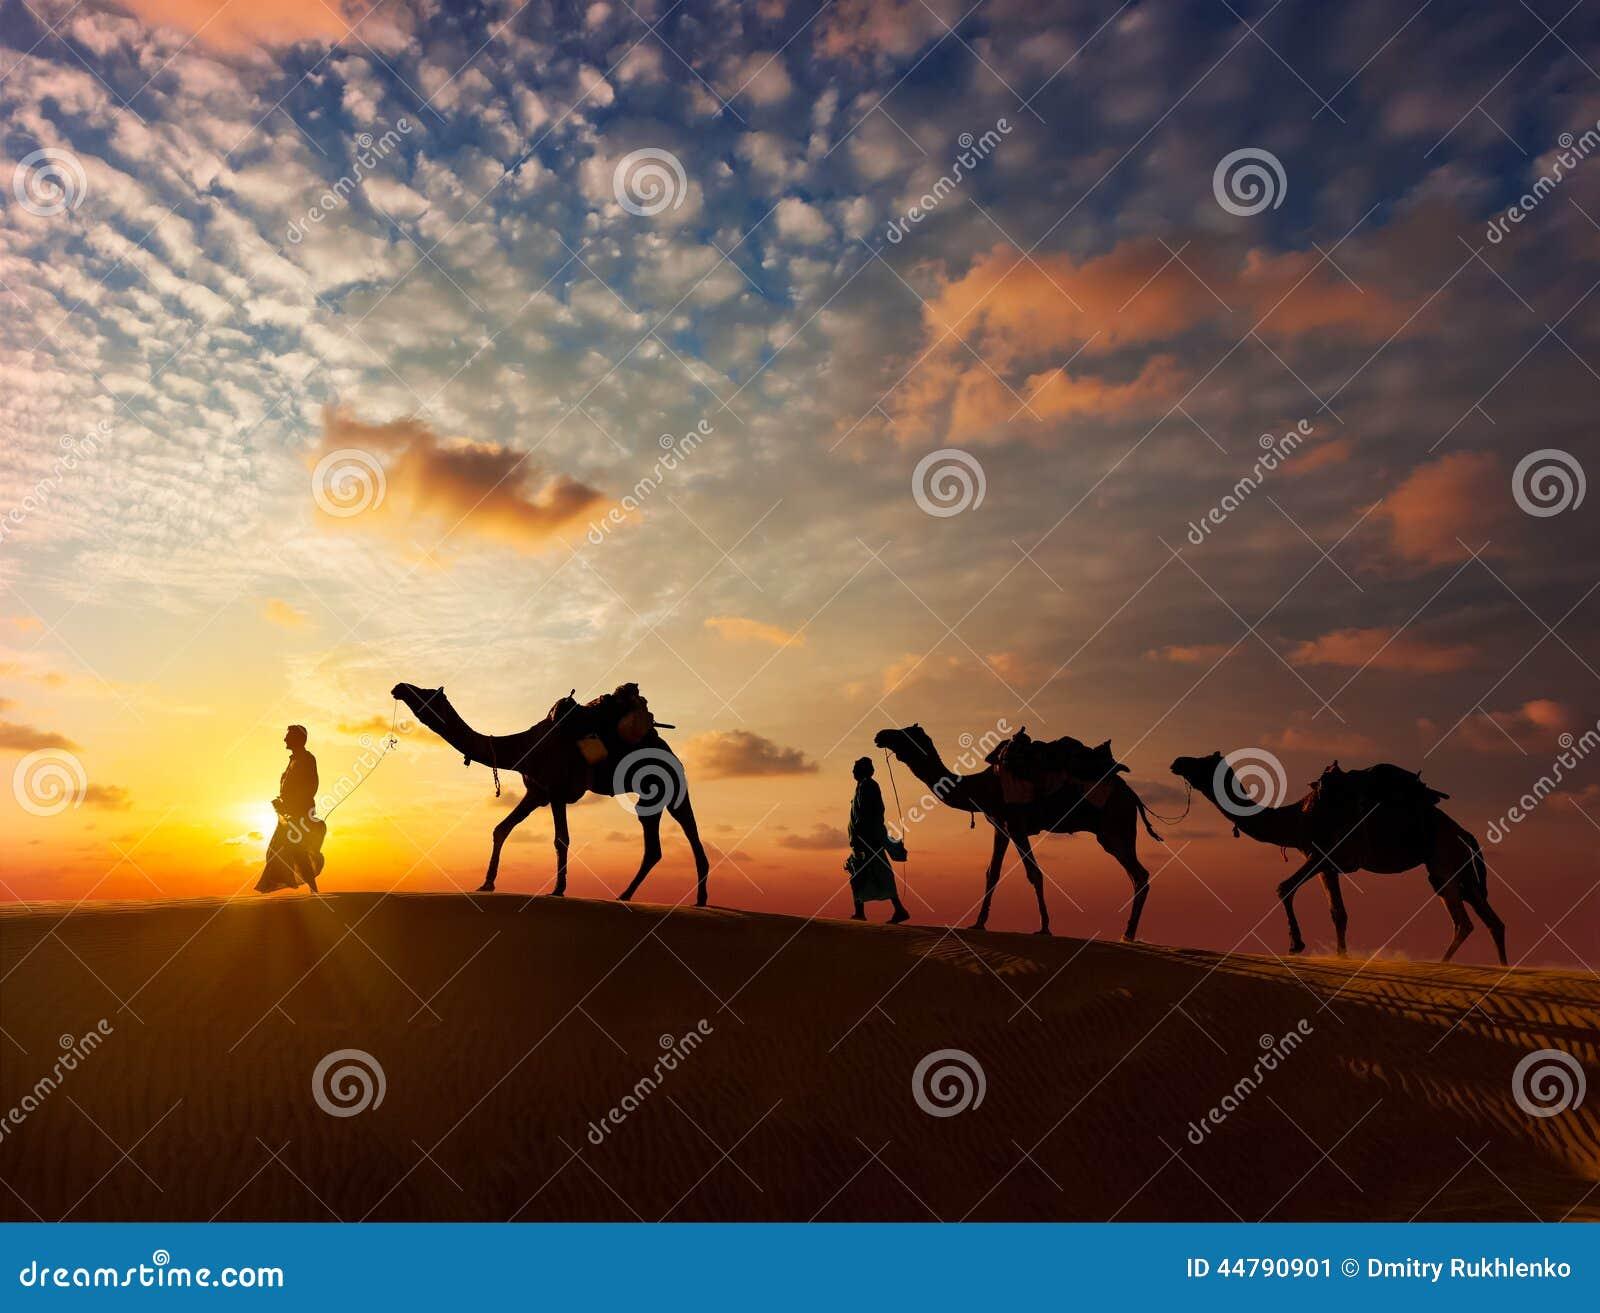 top thar desert sunset - photo #1